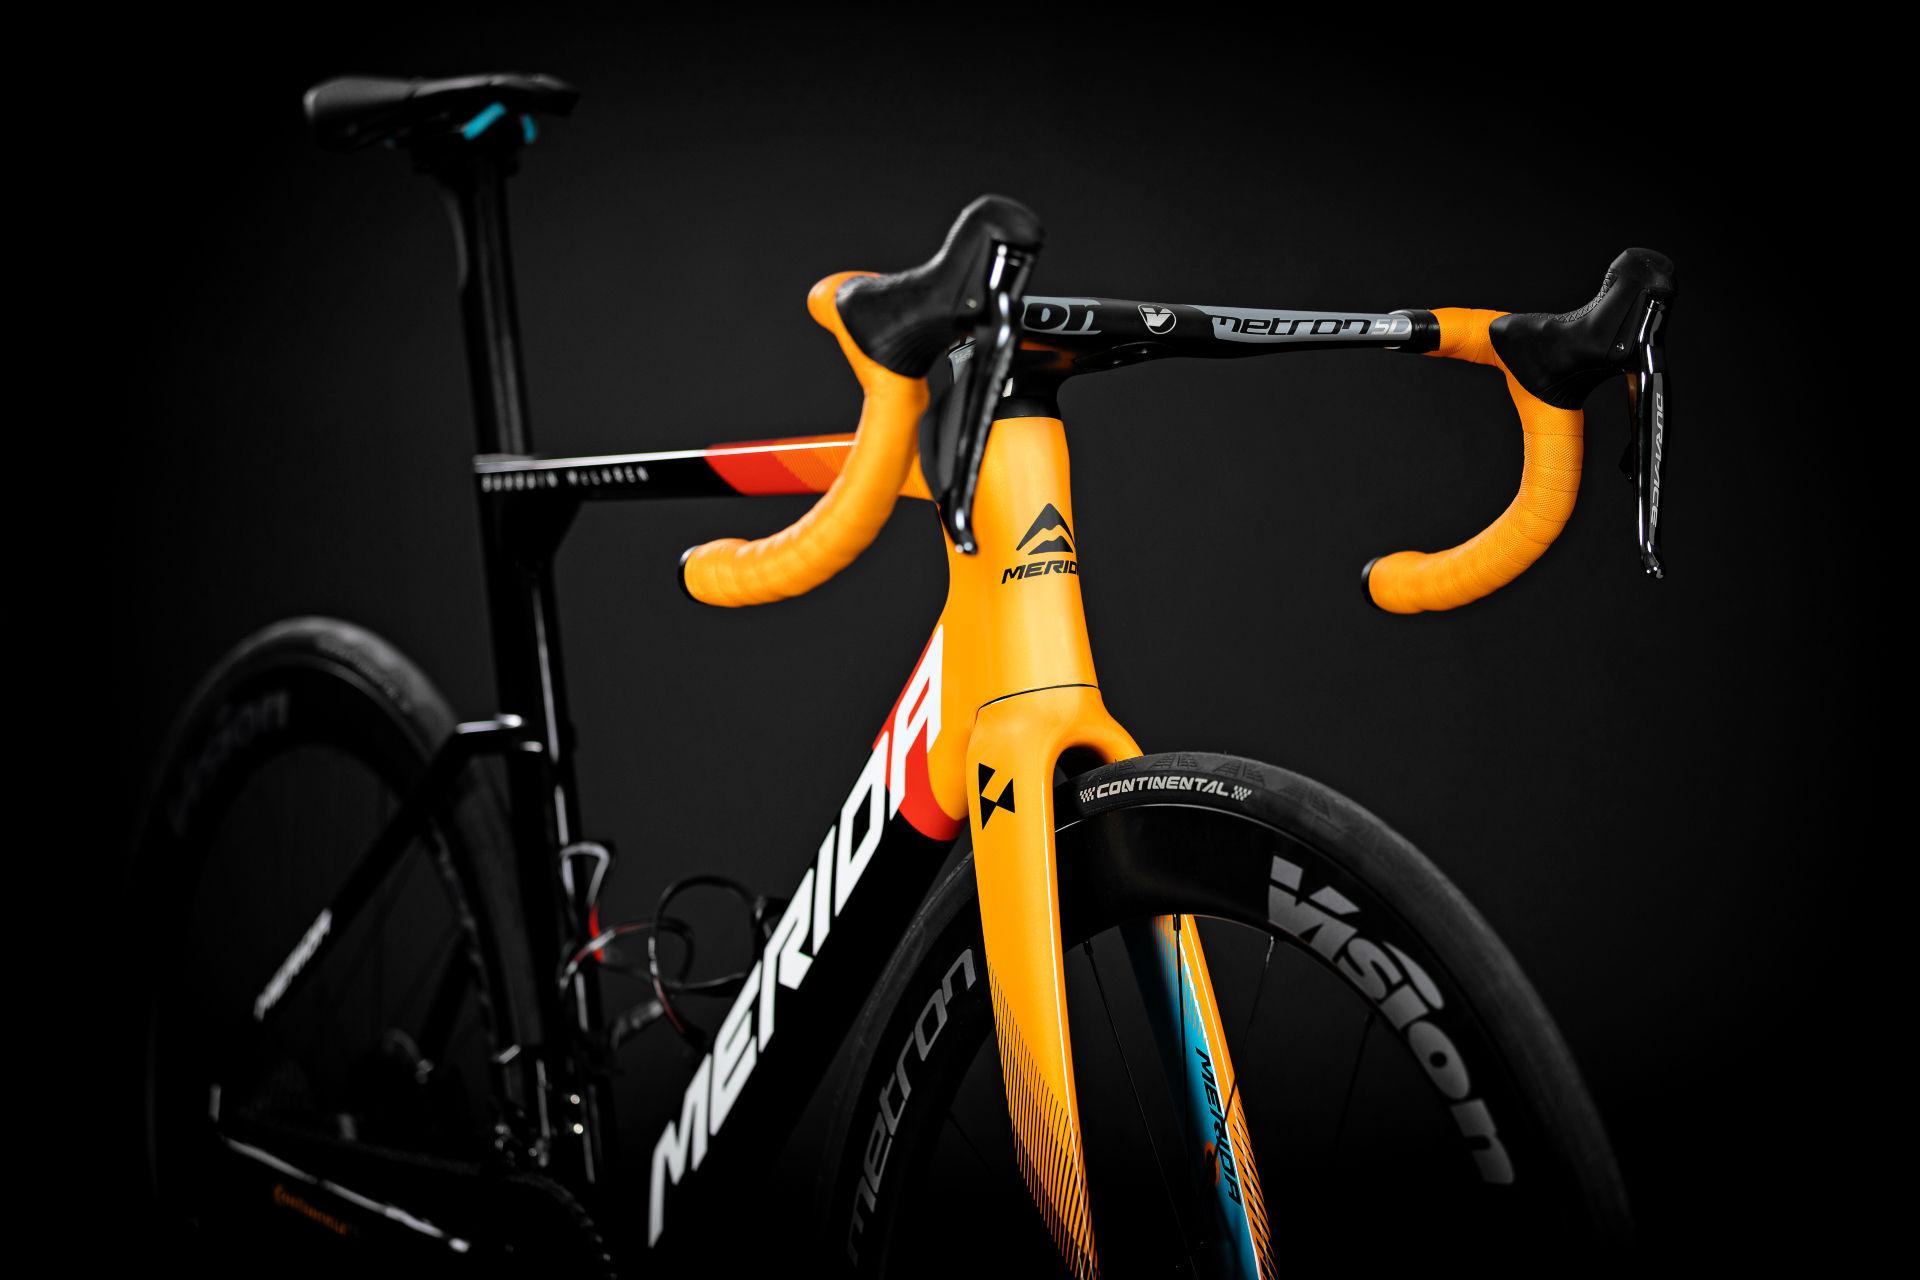 Merida Reacto, nowe Reacto, Reacto Disc, Bahrain McLaren, rowery Merida, rowery szosowe Merida, rowery szosowe, rower szosa, rowery aero, rower aero